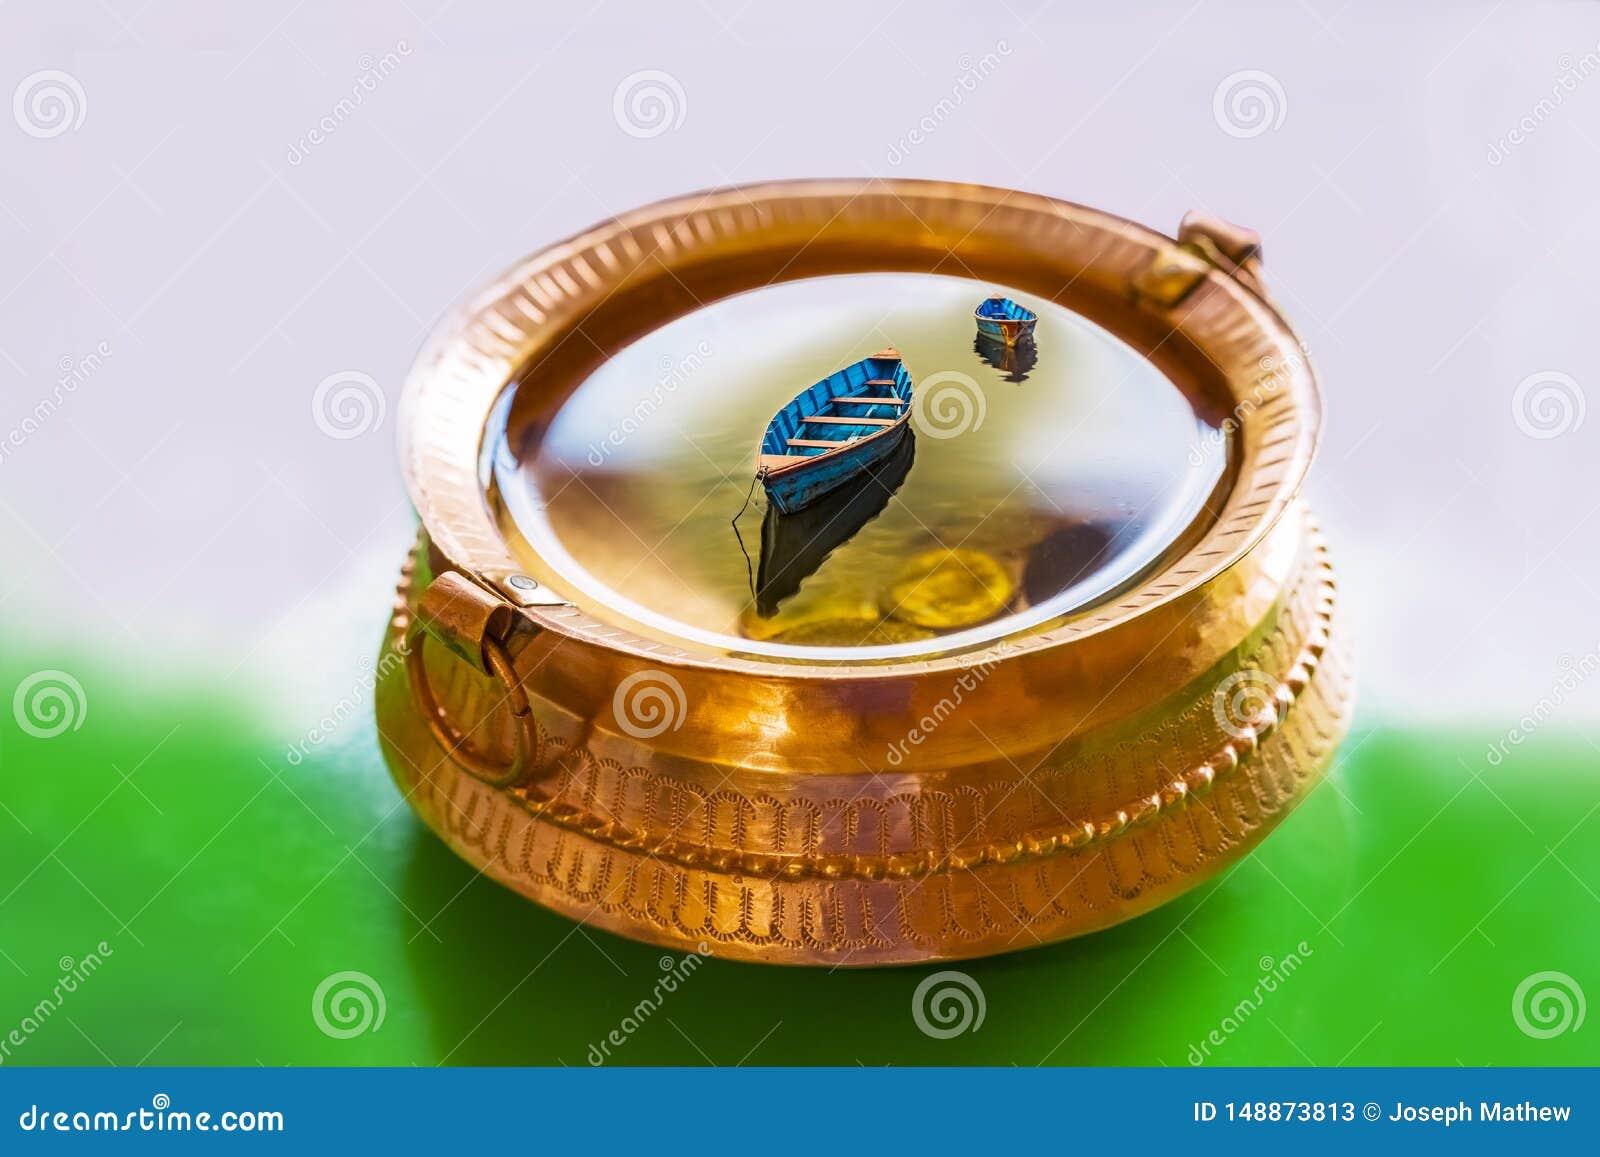 Illustratie, Messingspot met hoogtepunt van water en muntstukken, kleurrijke Boten binnen het water